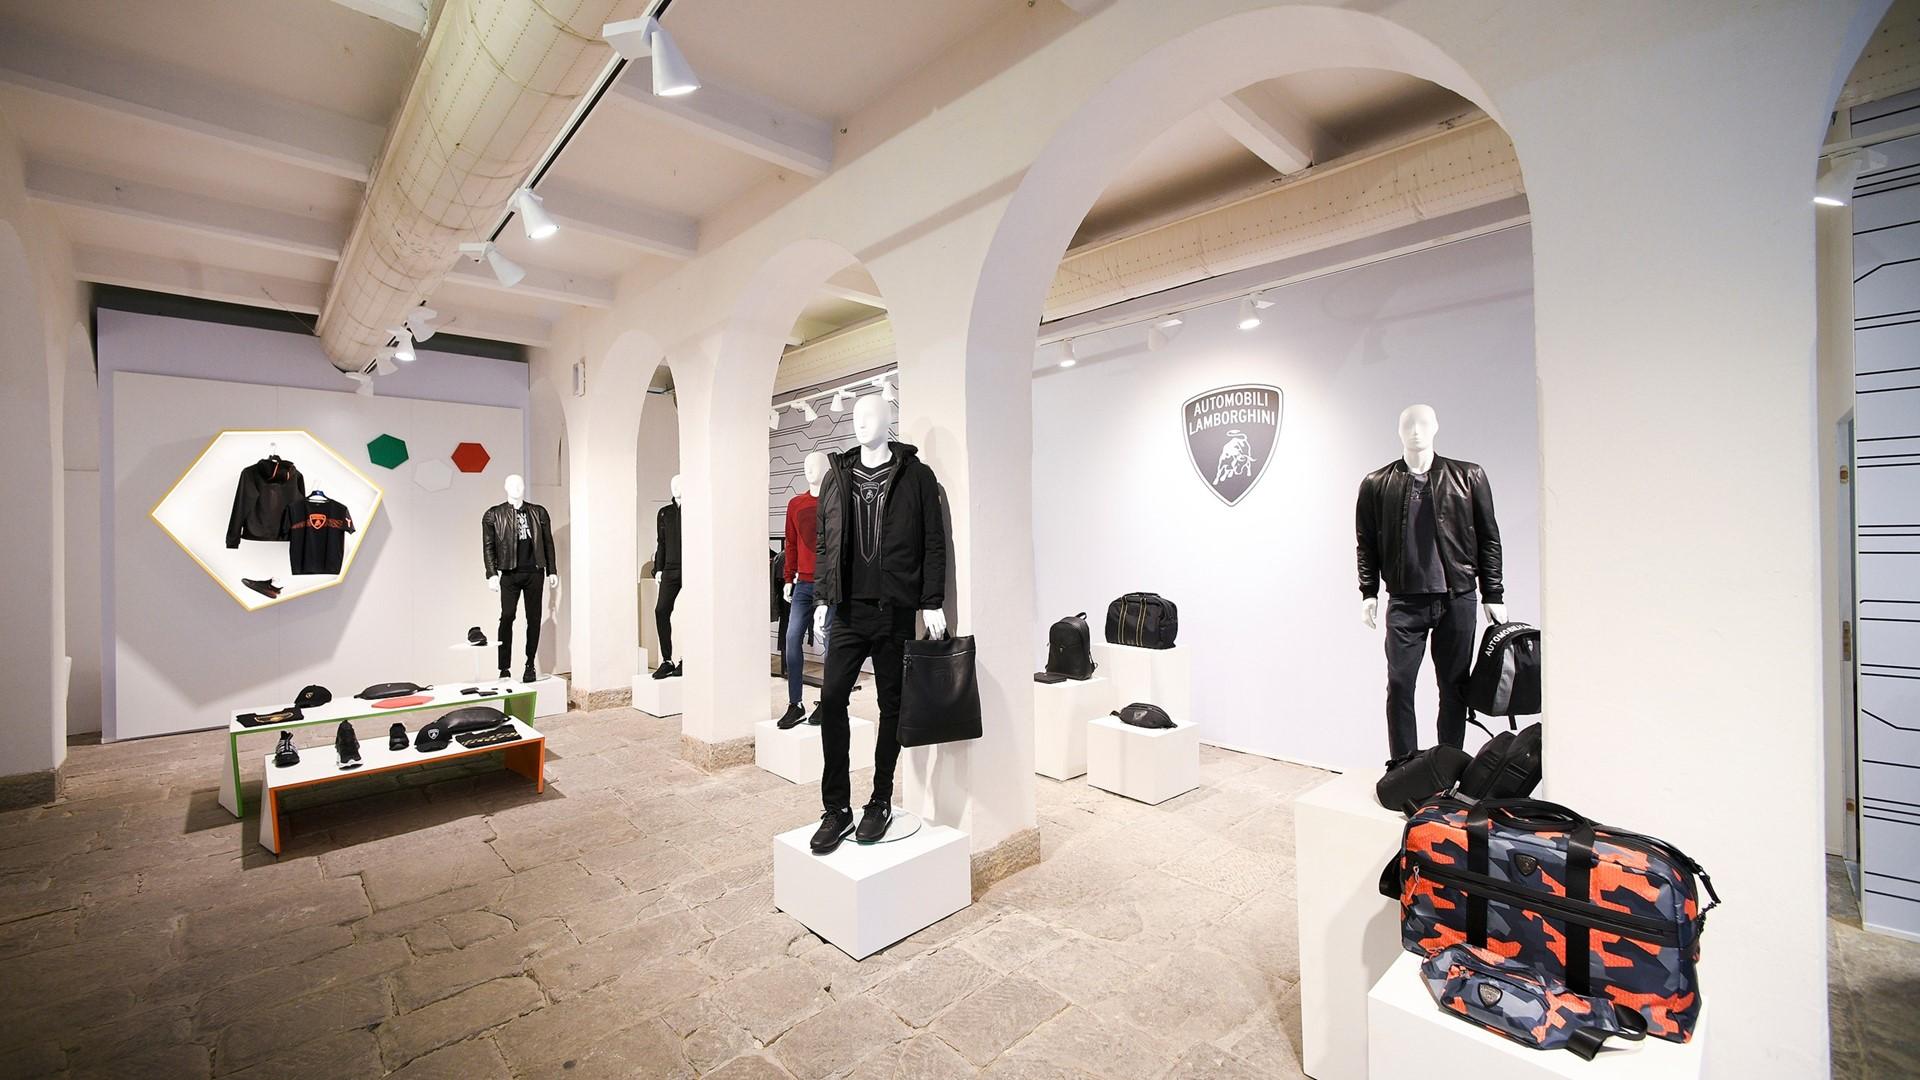 Automobili Lamborghini Menswear Collection Fall Winter 2020 – 2021 at PITTI Uomo 97 - Image 2